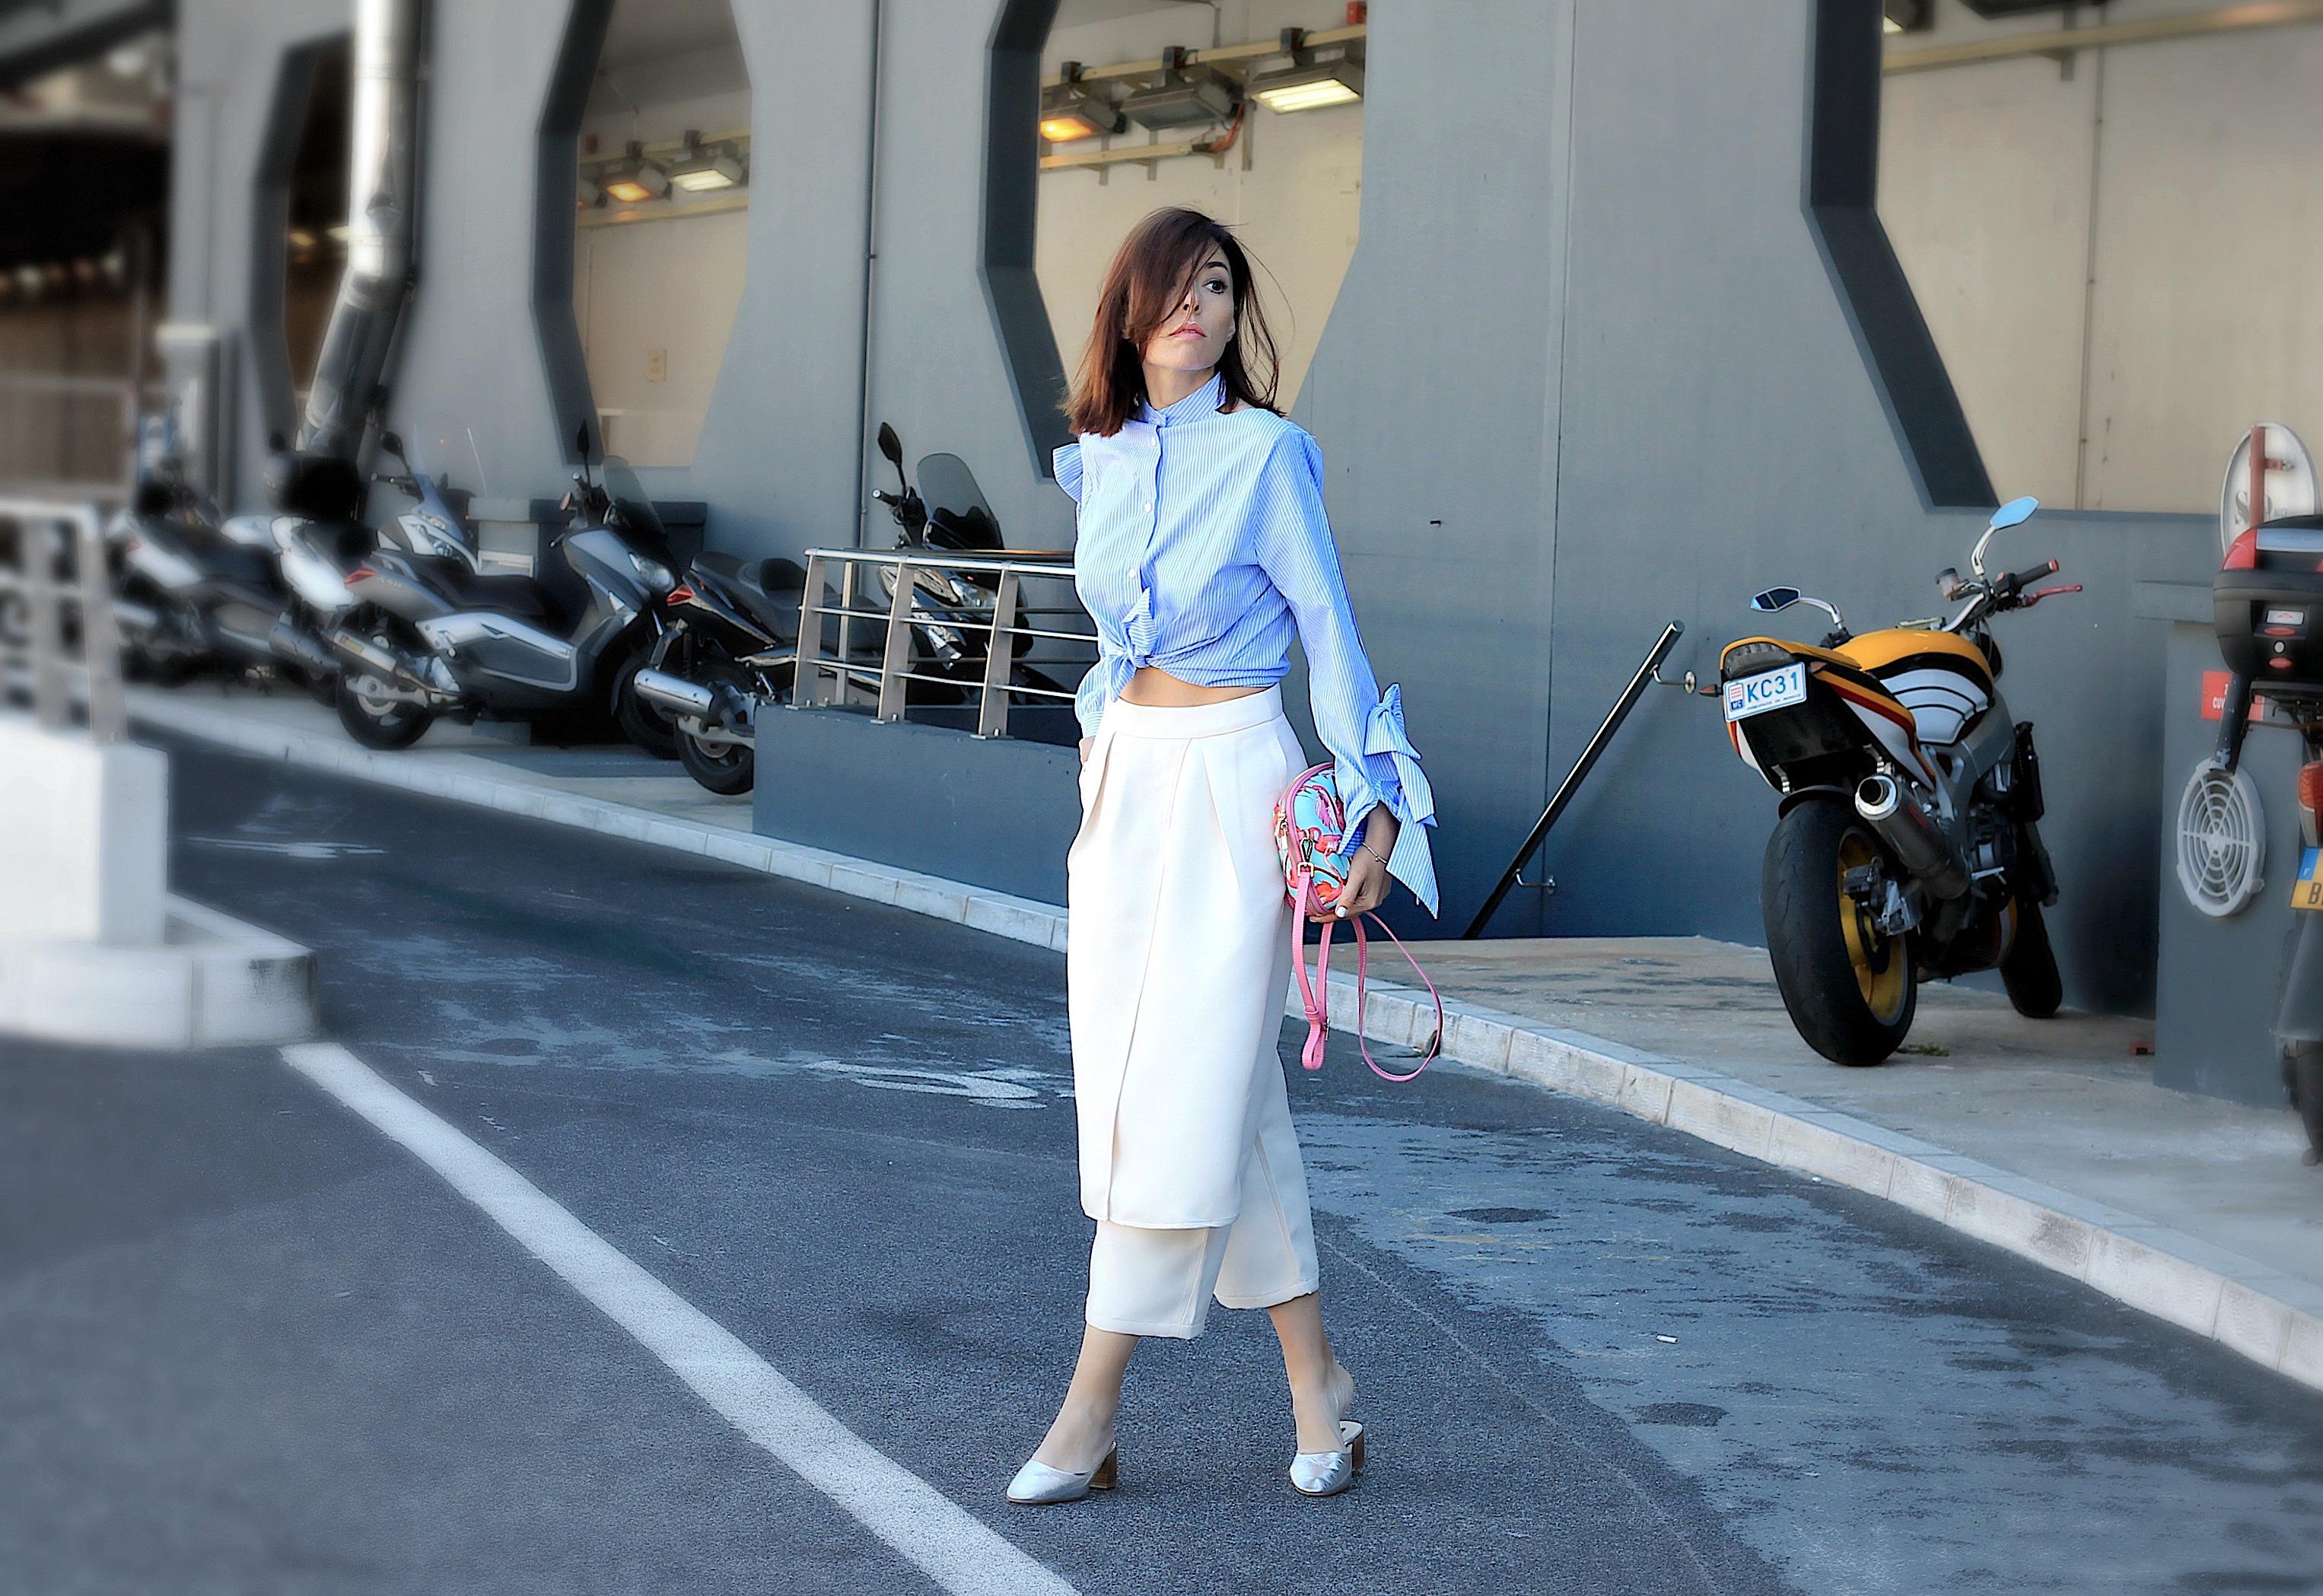 Sfilate di moda 2017, sfilate di moda, theladycracy.it, elisa bellino, blogger moda, blog moda, outfit primavera 2017, outfit primaverili 2017, fashion blogger italiane 2017, fashion blogger famose 2017, blogger moda più seguite, casual chic look 2017